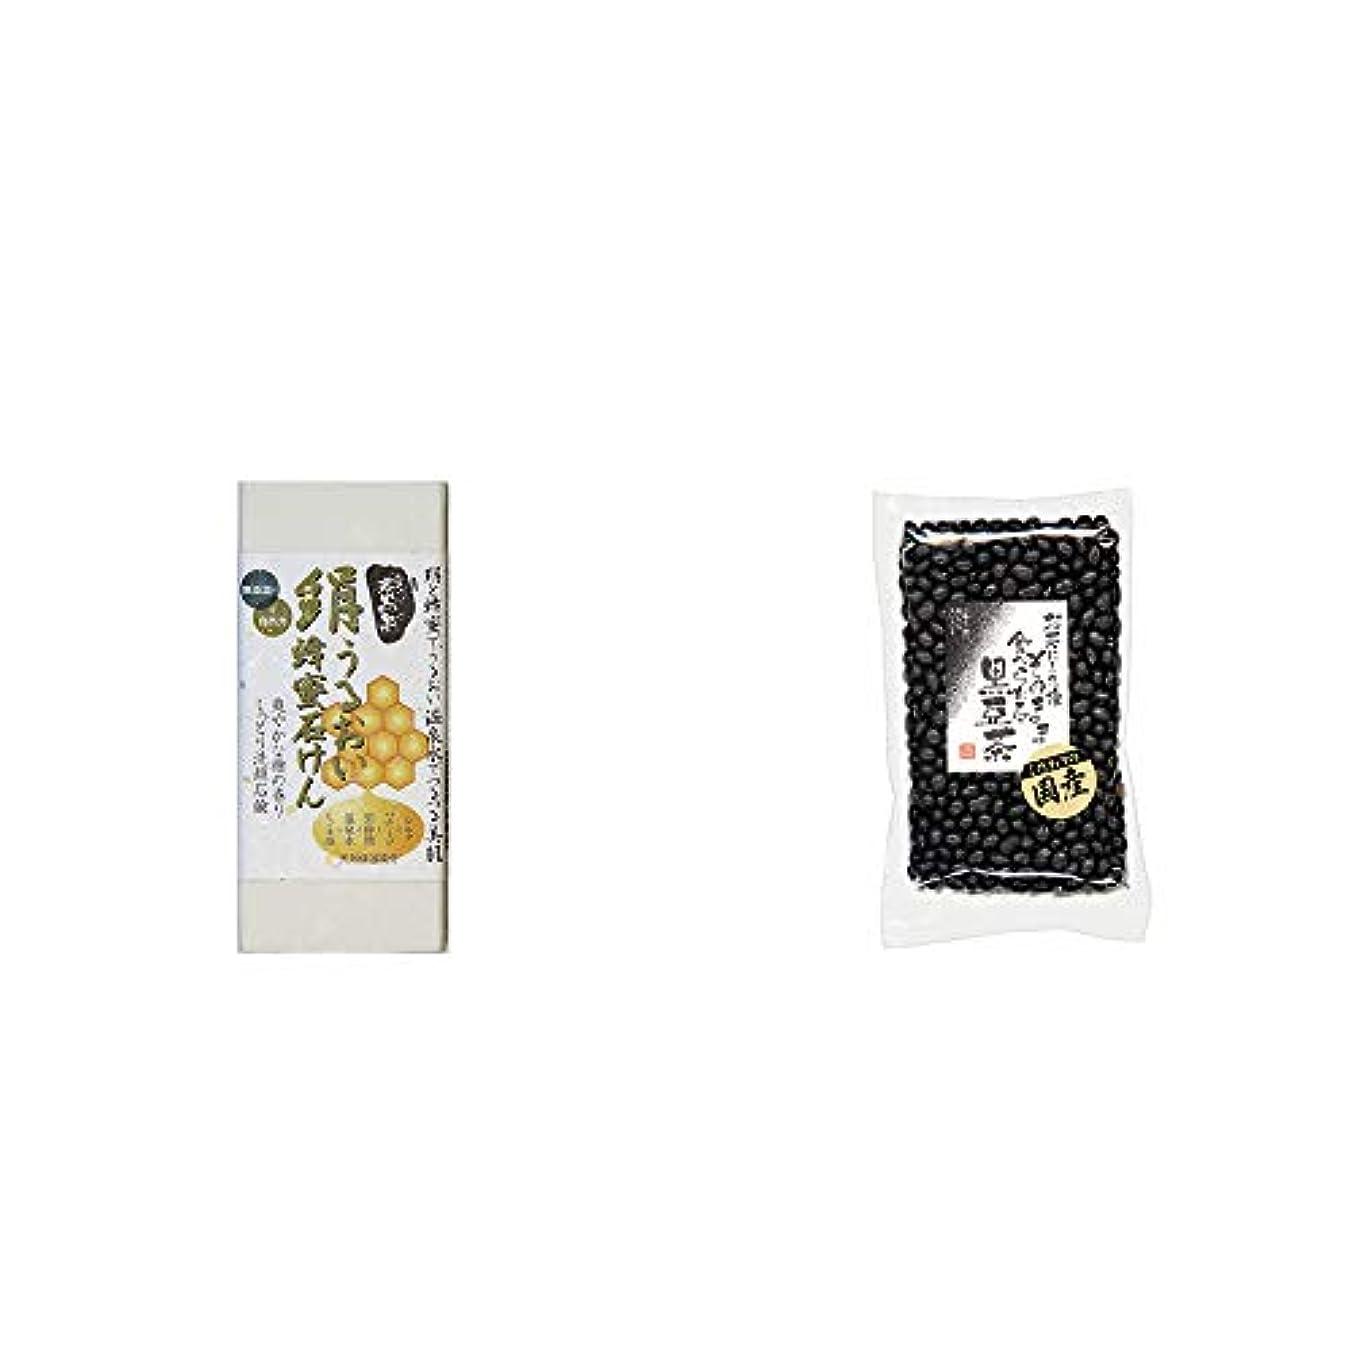 特権的スポーツをする原稿[2点セット] ひのき炭黒泉 絹うるおい蜂蜜石けん(75g×2)?国産 黒豆茶(200g)